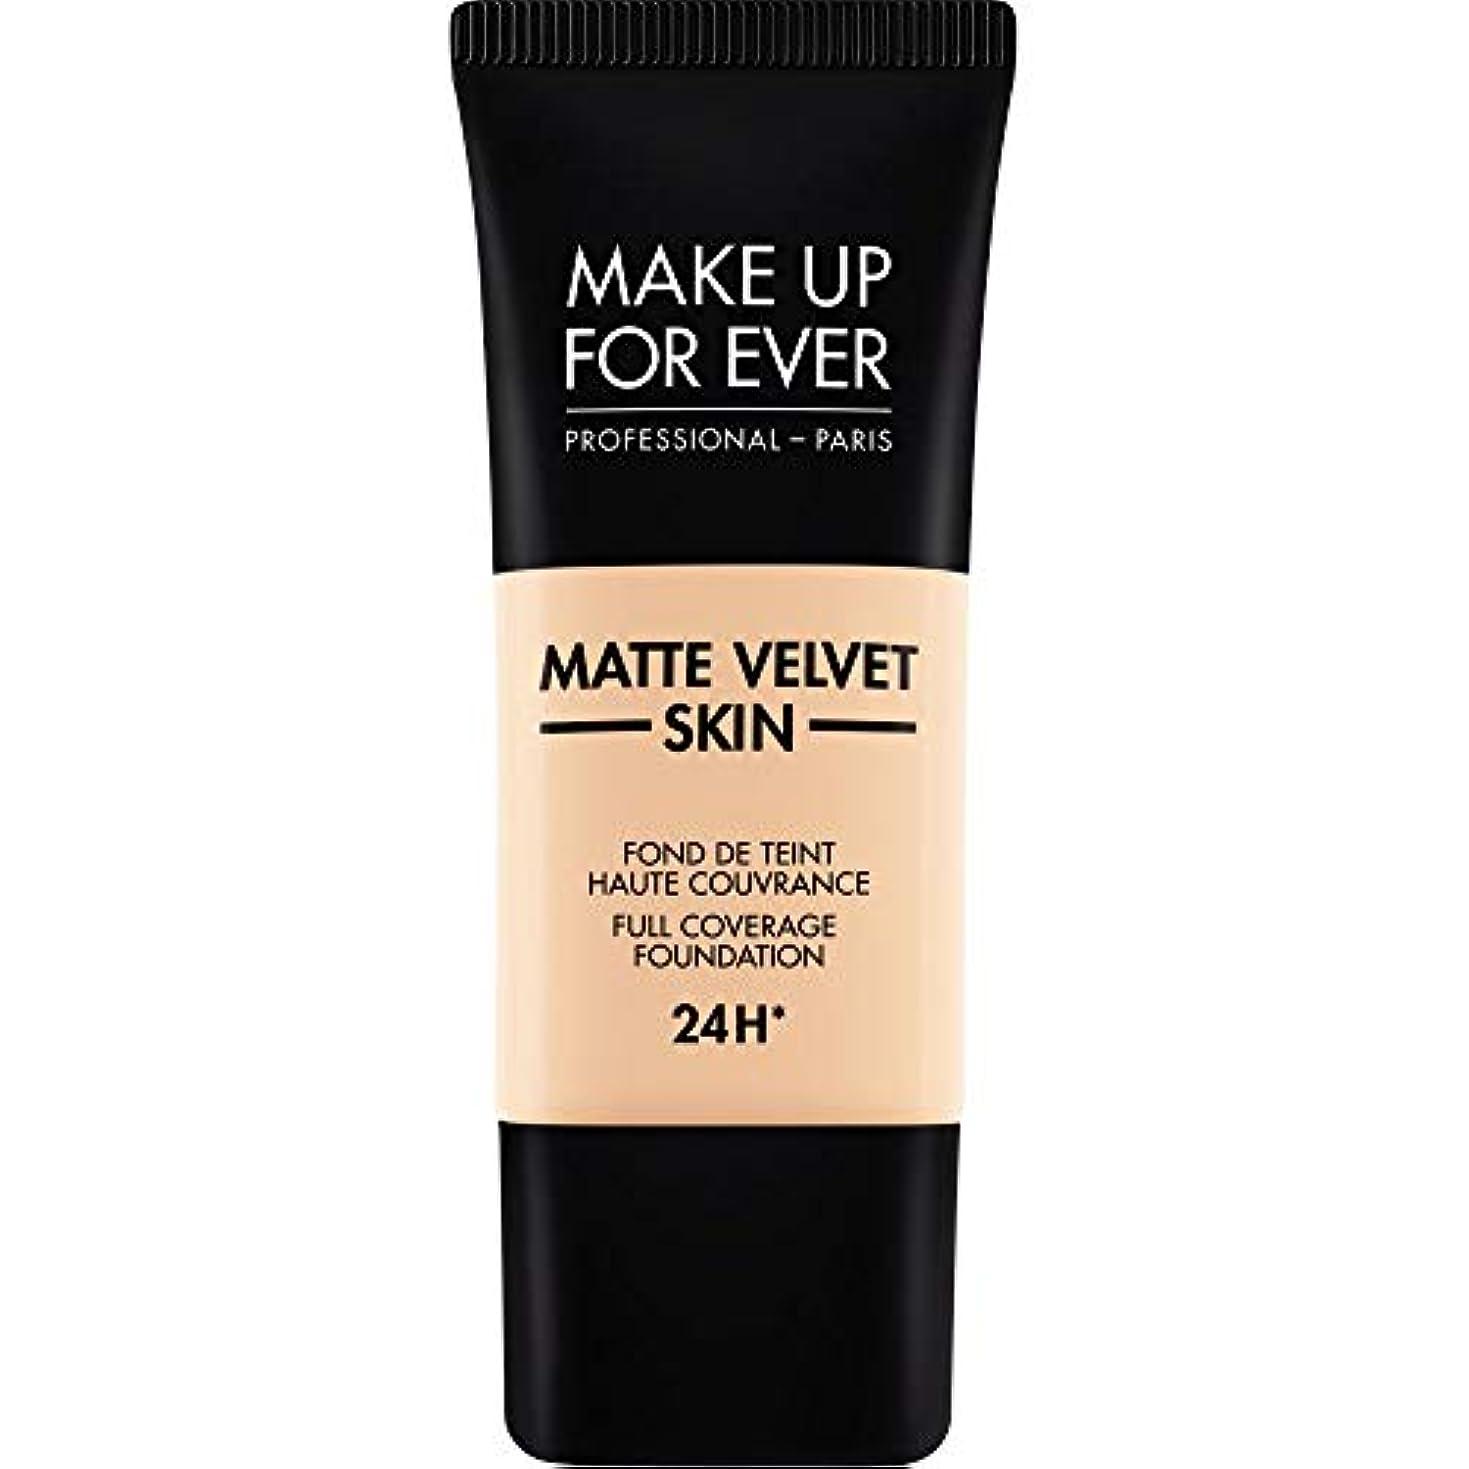 ジャングル保護する満員[MAKE UP FOR EVER] これまでマットベルベットの皮膚のフルカバレッジ基礎30ミリリットルのR230を補う - アイボリー - MAKE UP FOR EVER Matte Velvet Skin Full...